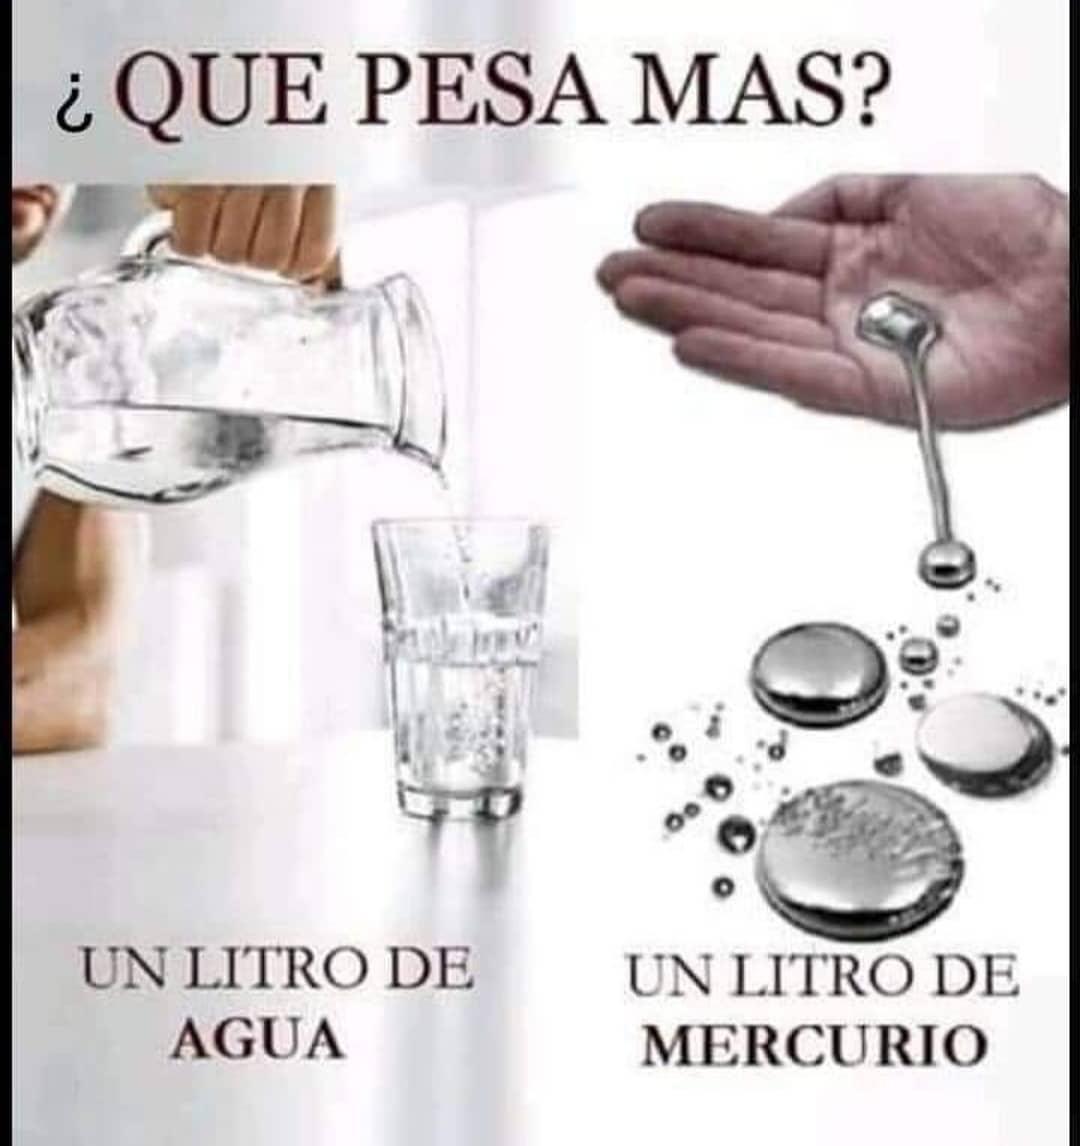 ¿Que pesa mas? Un litro de agua. Un litro de mercurio.